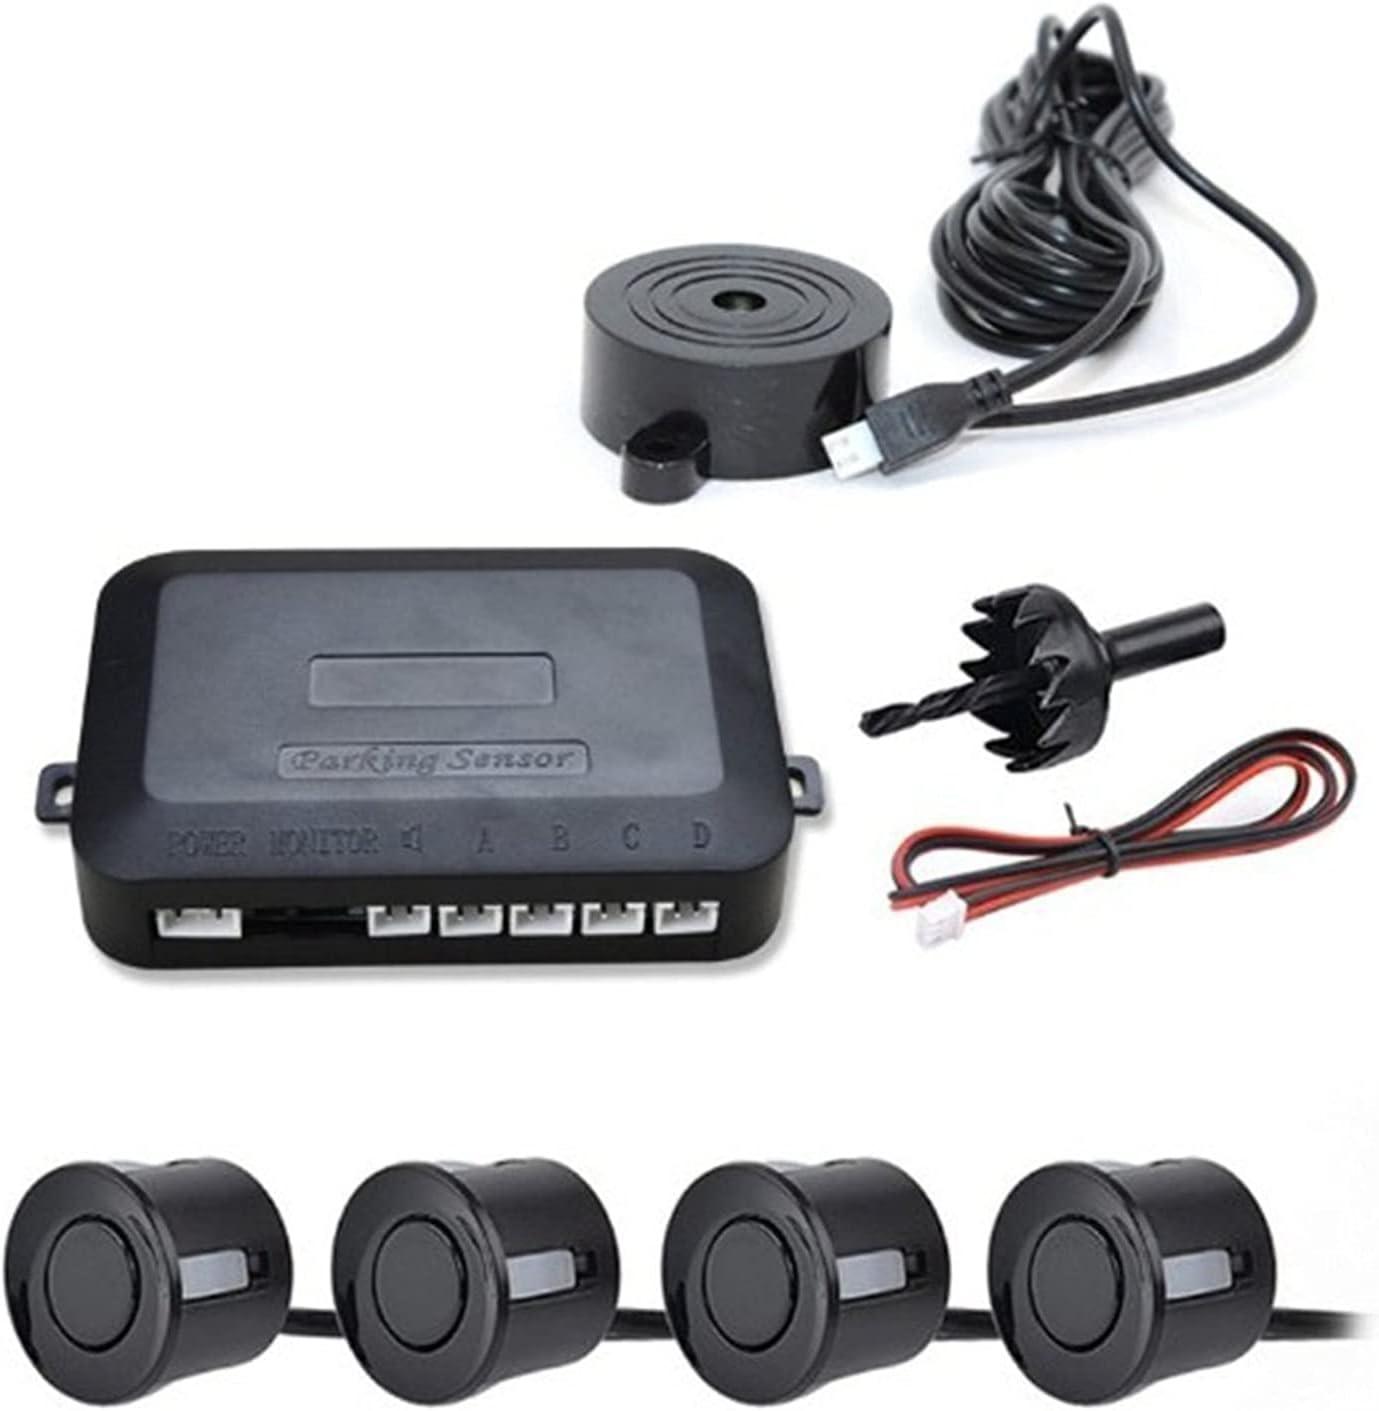 XINXI-YW Cámaras montadas en el Coche en el Coche Sensor de Aparcamiento Sensor Kit Reverse Backup Radar Alert Indicator System System 4 Probe Beep Sensor Detector de automóviles para carros